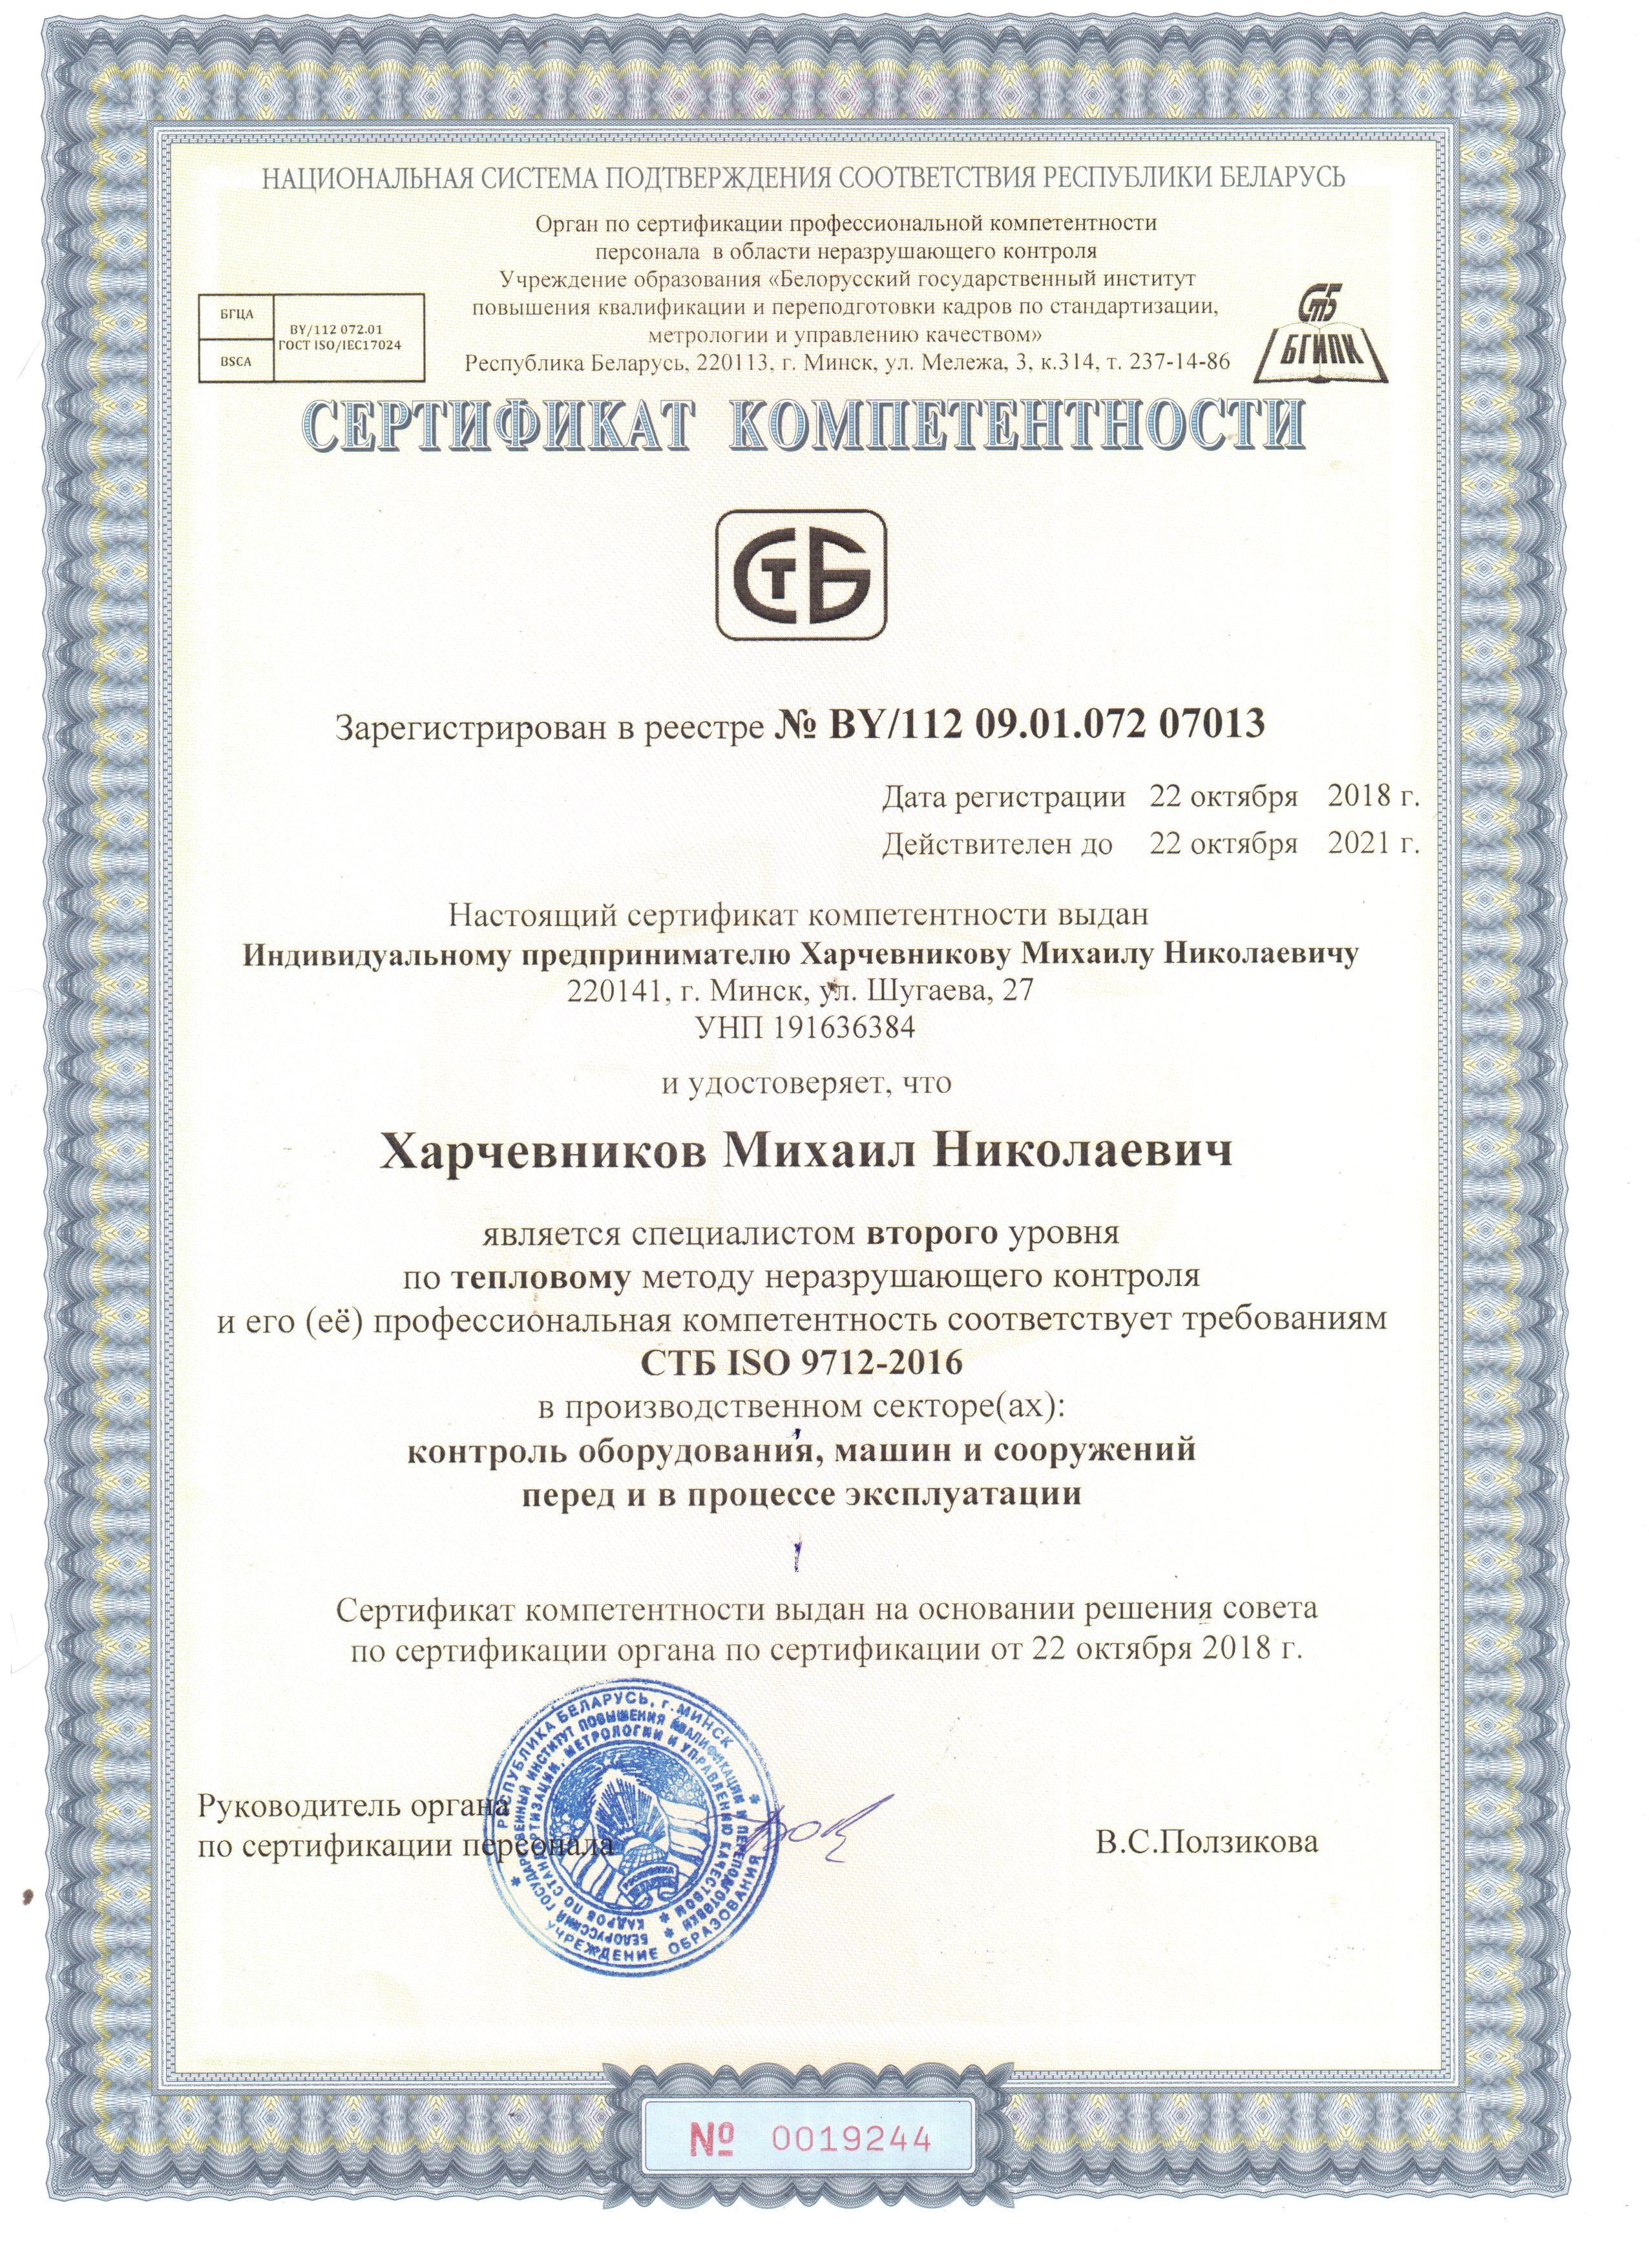 сертификат тепловизионное обследование, Минск